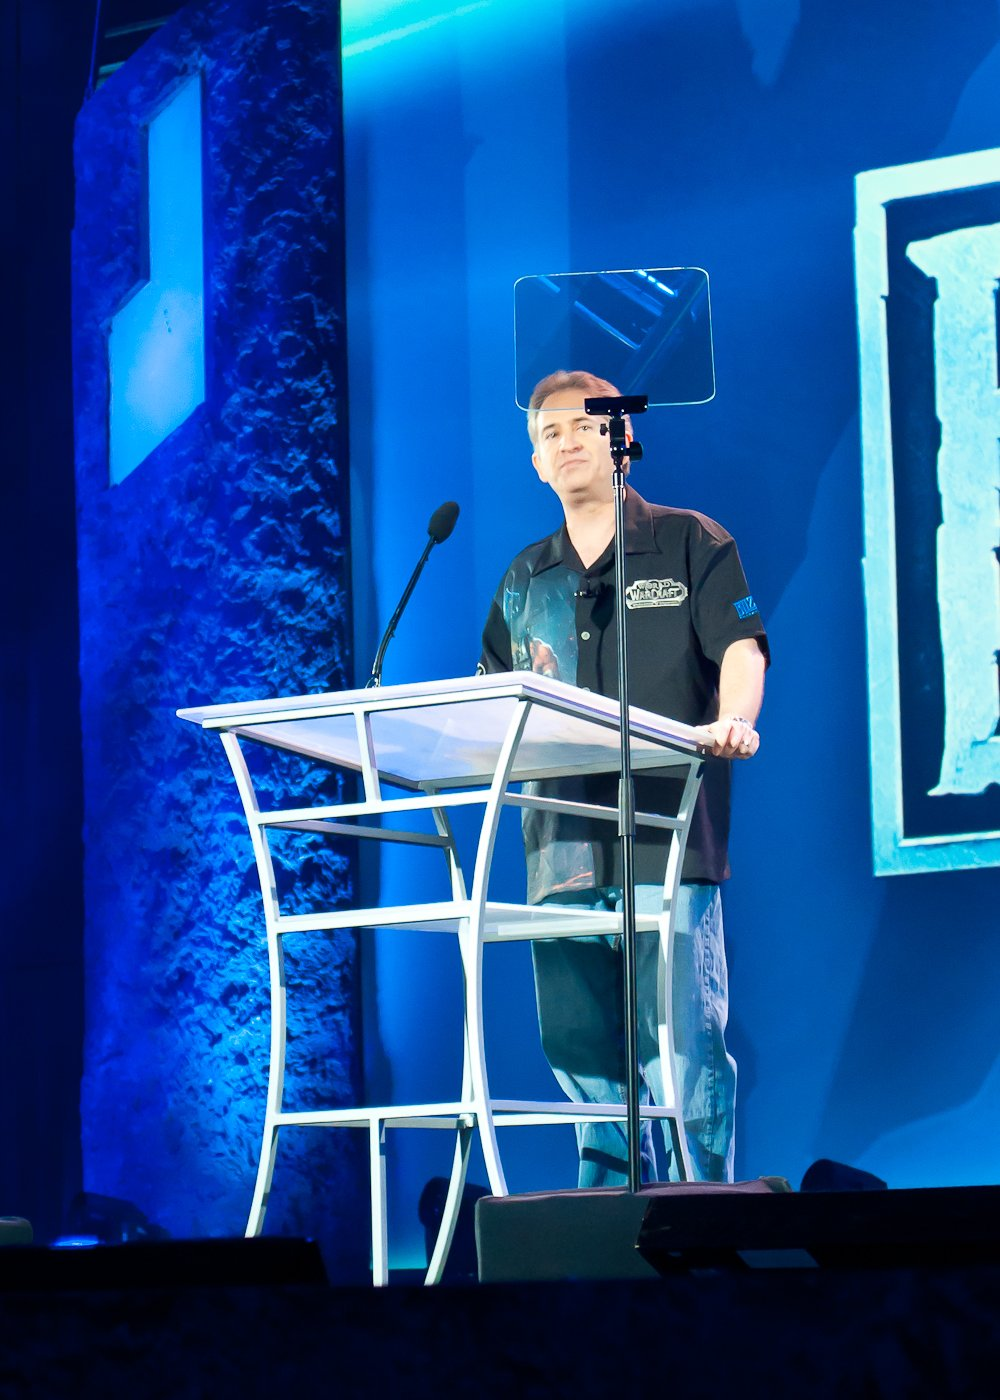 Поехали. Президент и сооснователь Blizzard Entertainment Майкл Морхейм. Подглядывает в текст речи на прозрачном суфлере.